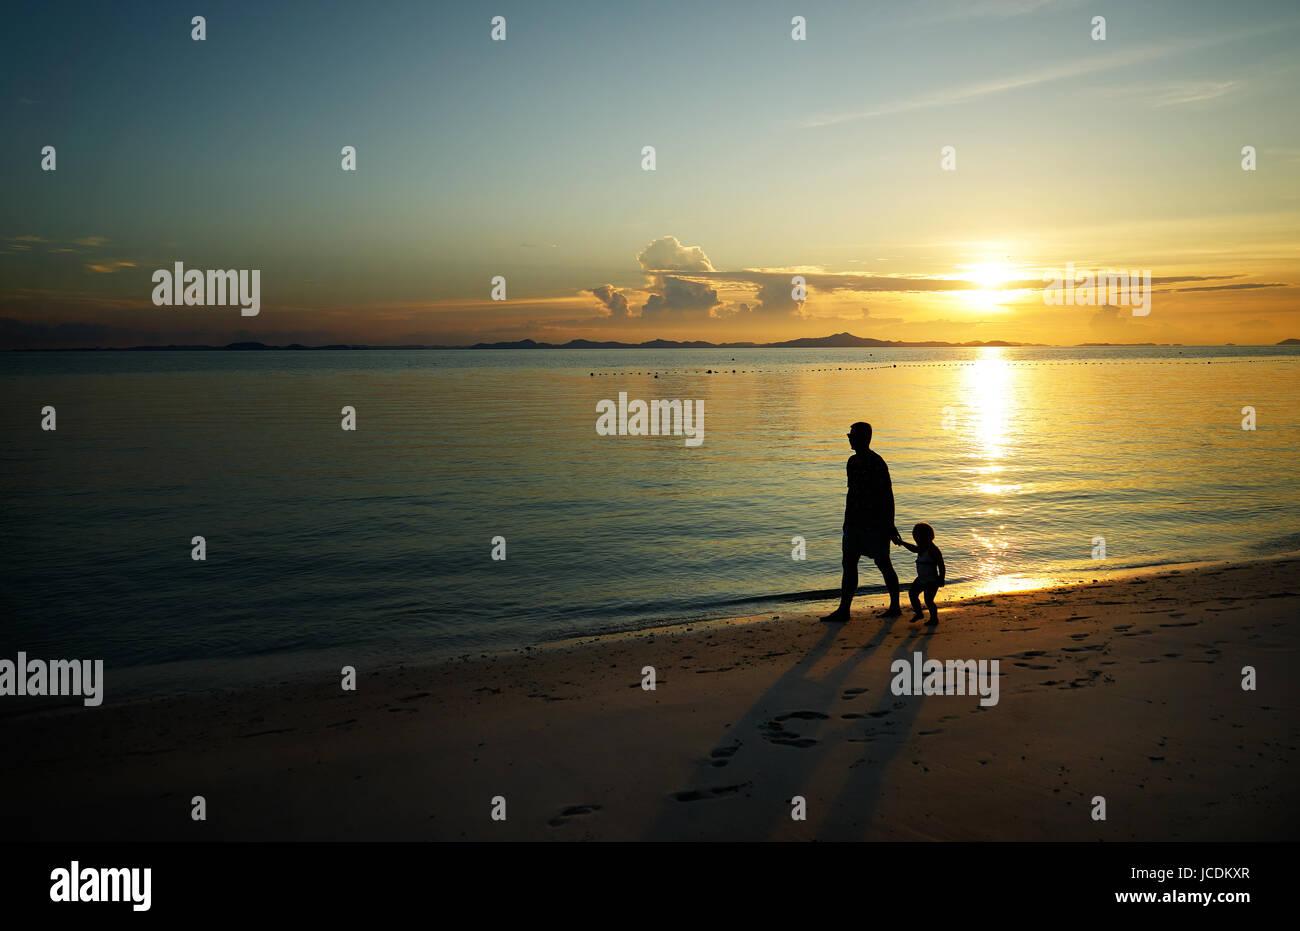 Padre e figlio per camminare sulla spiaggia al tramonto , silhouette shot . Immagini Stock